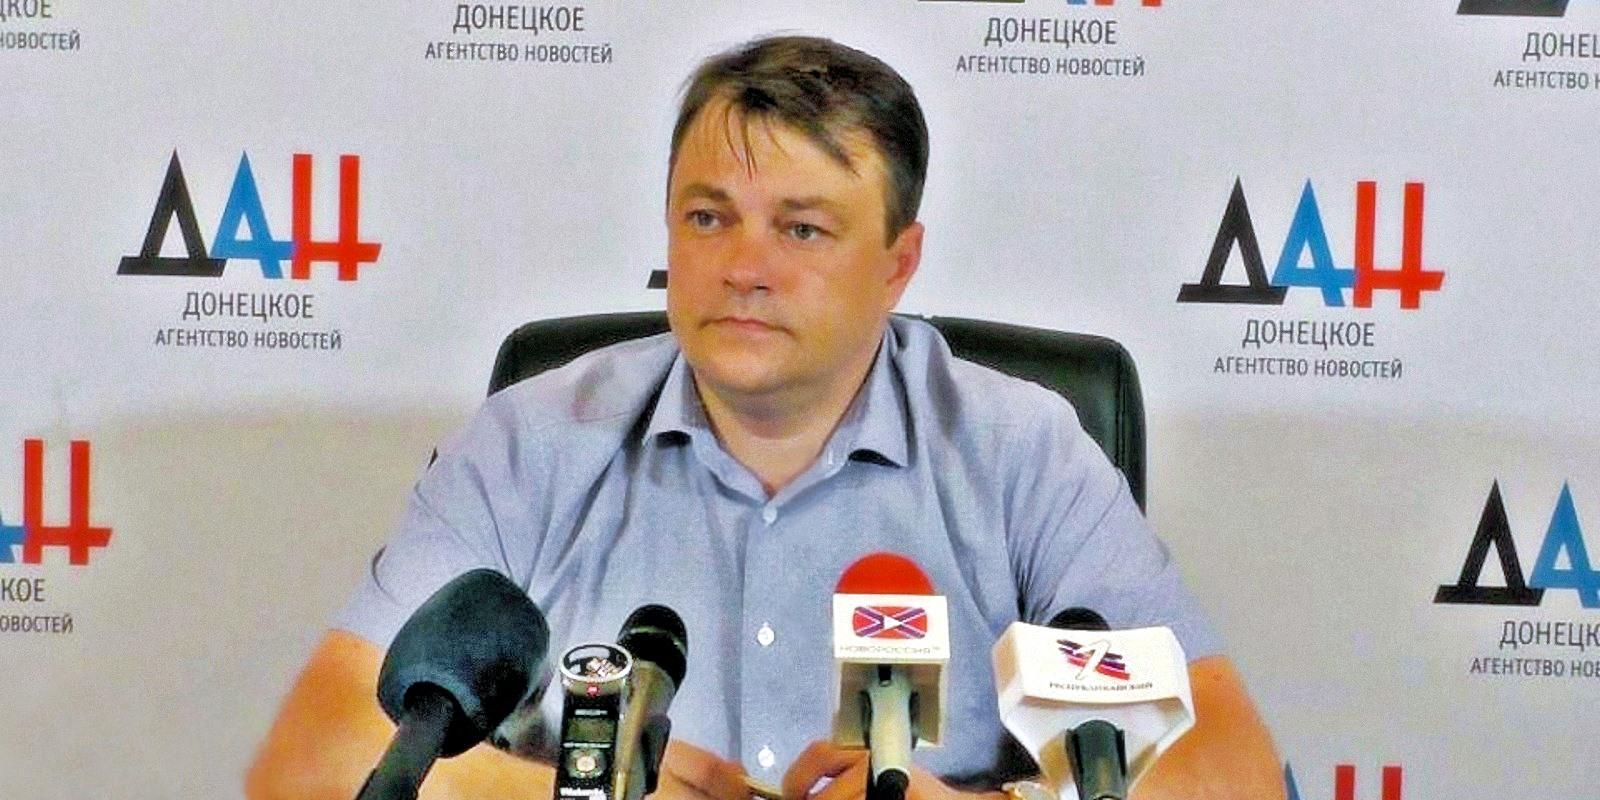 00 dnr donetsk pr m leshchenko 310815